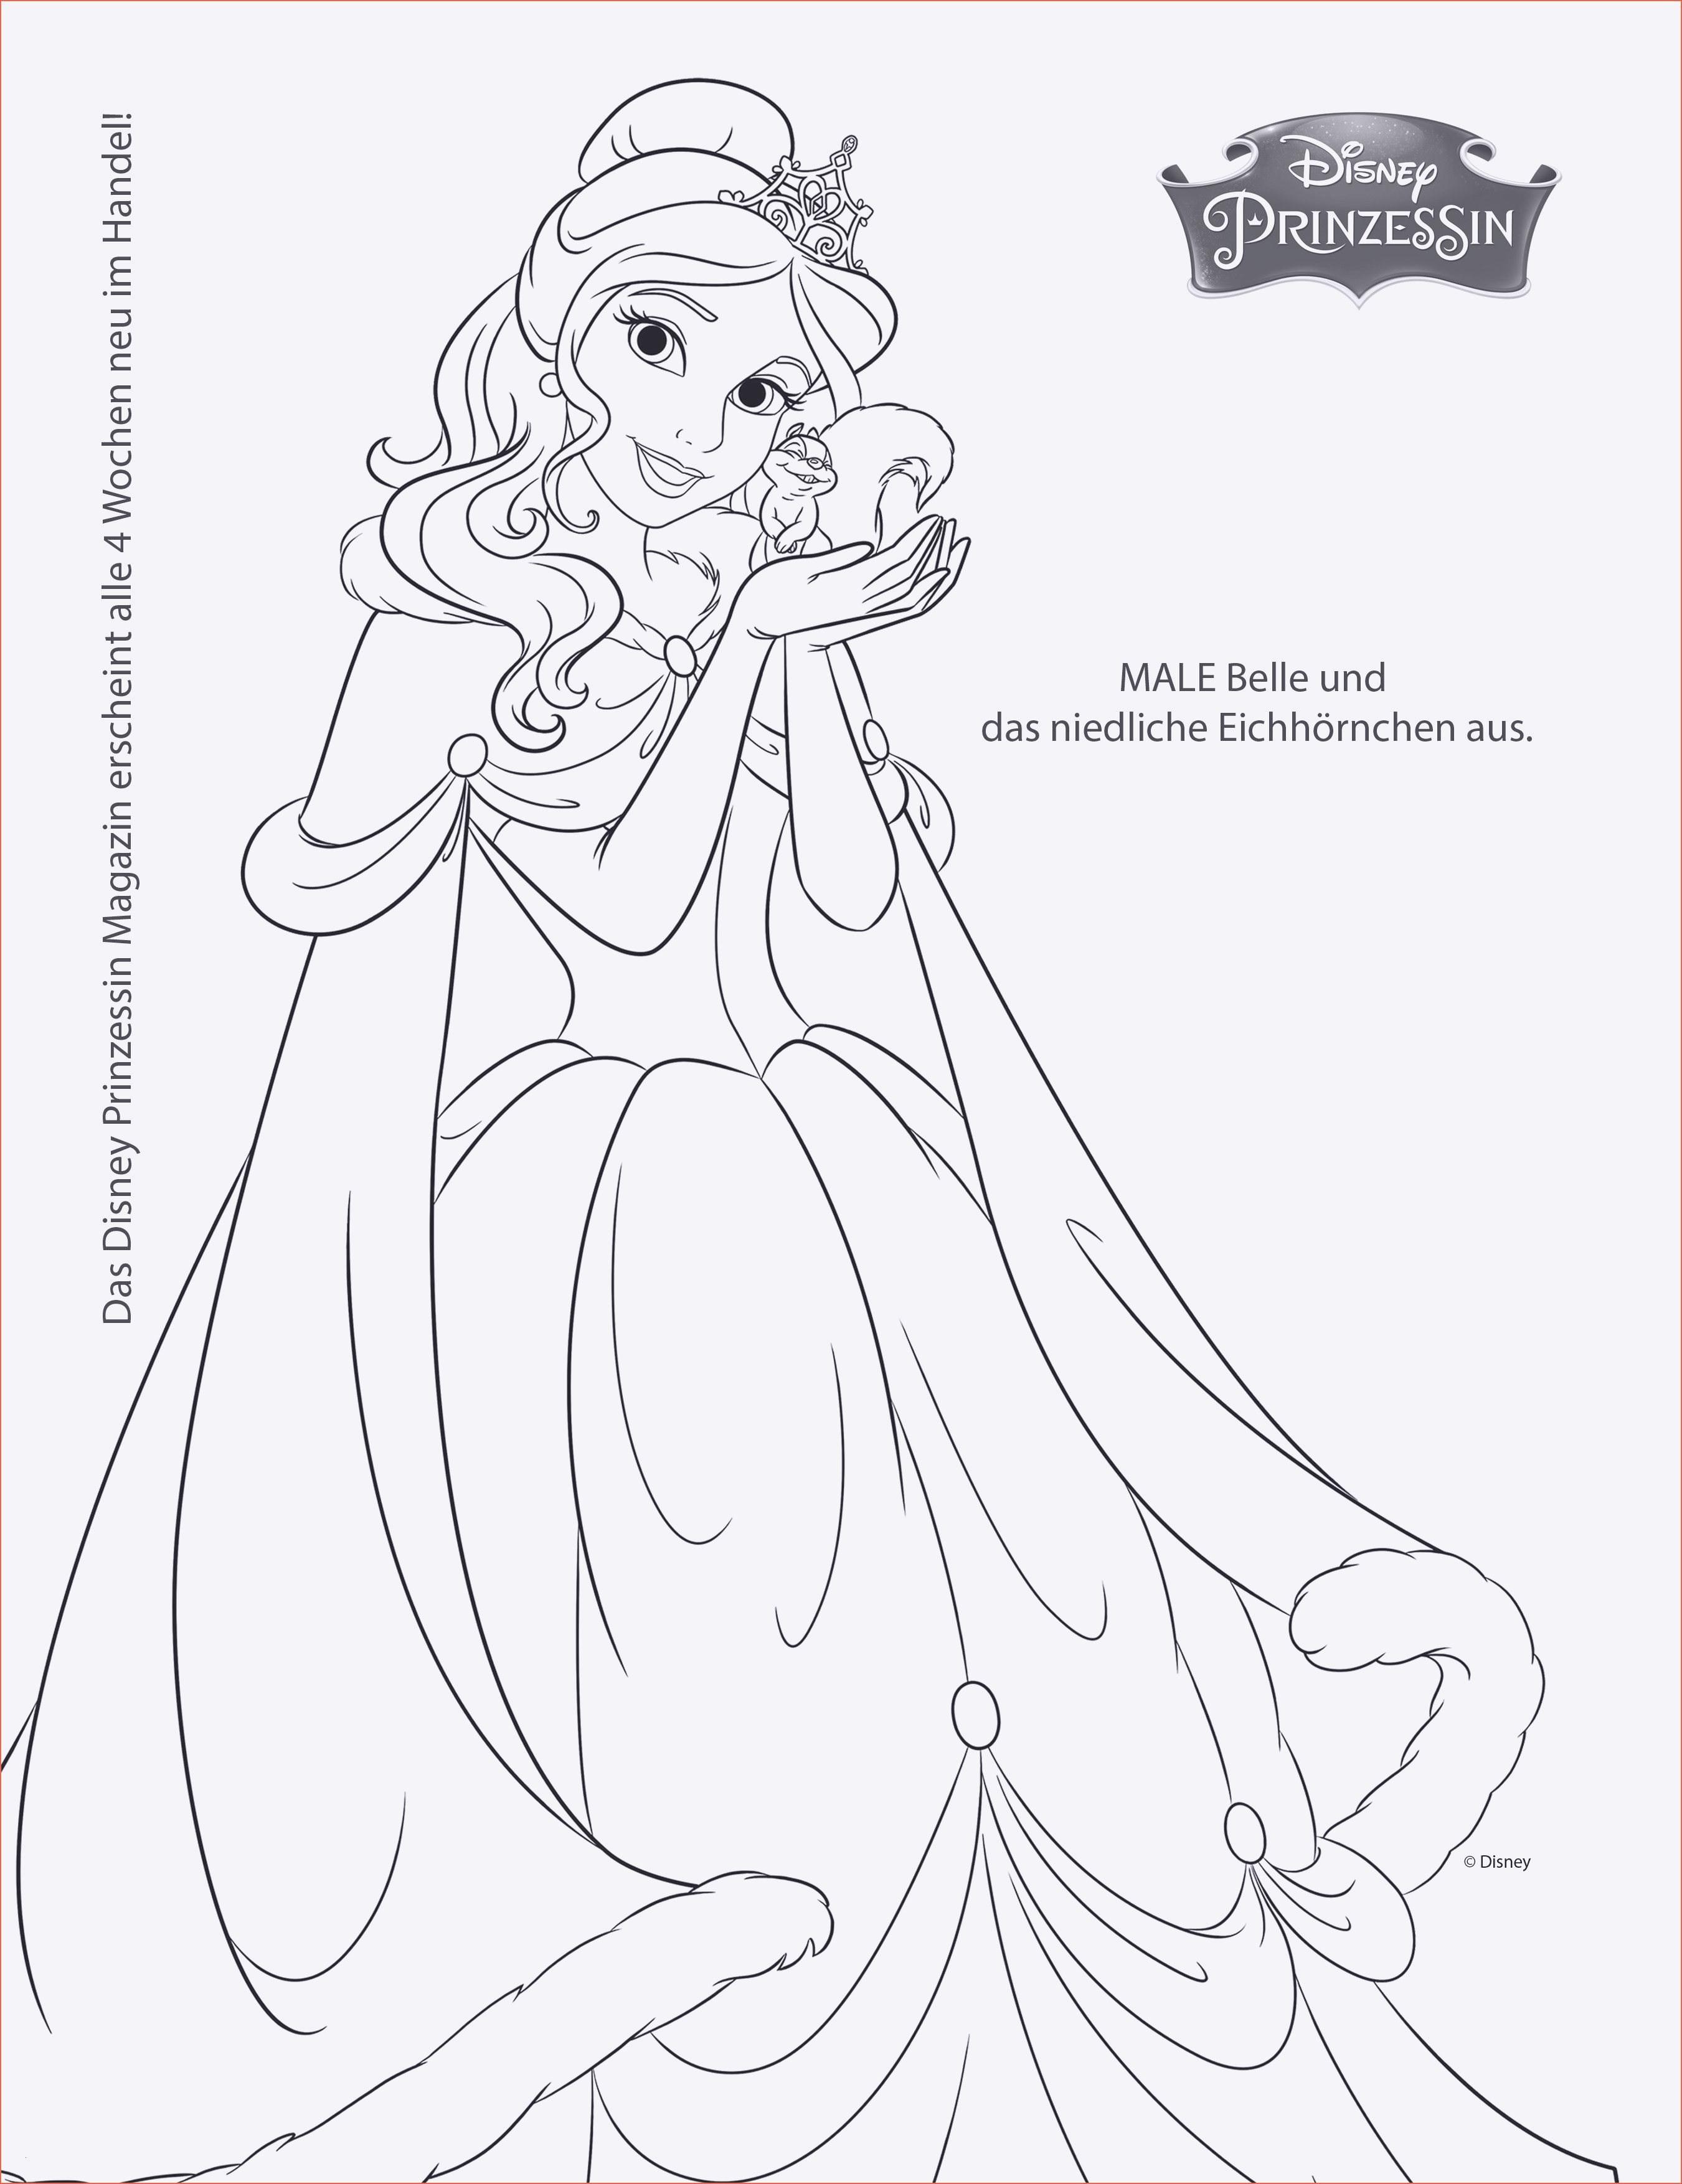 Disney Prinzessin Ausmalbild Neu Prinzessin Ausmalbilder Zum Ausdrucken New Malvorlagen Igel Best Bild